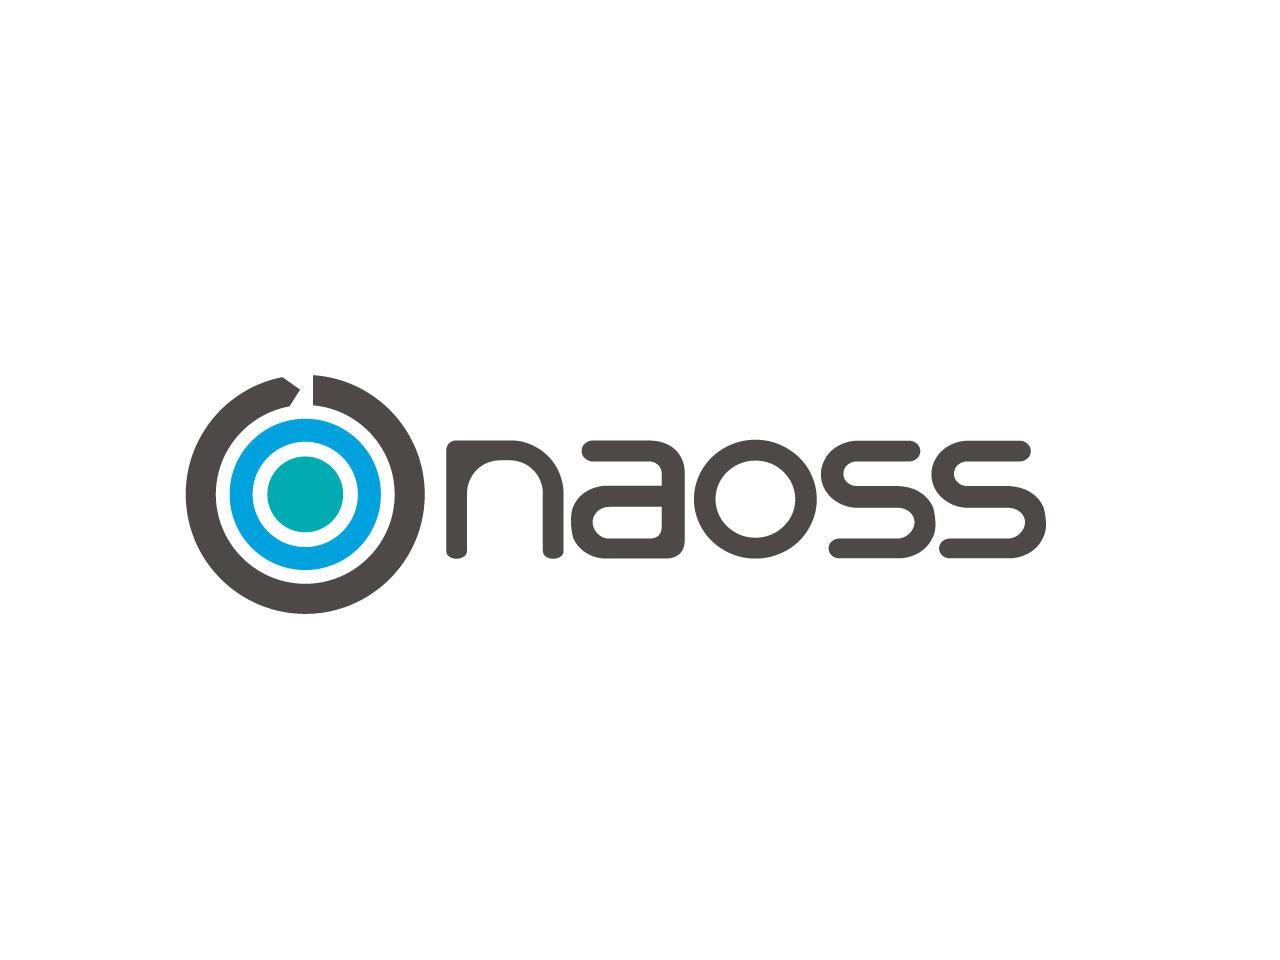 naoss